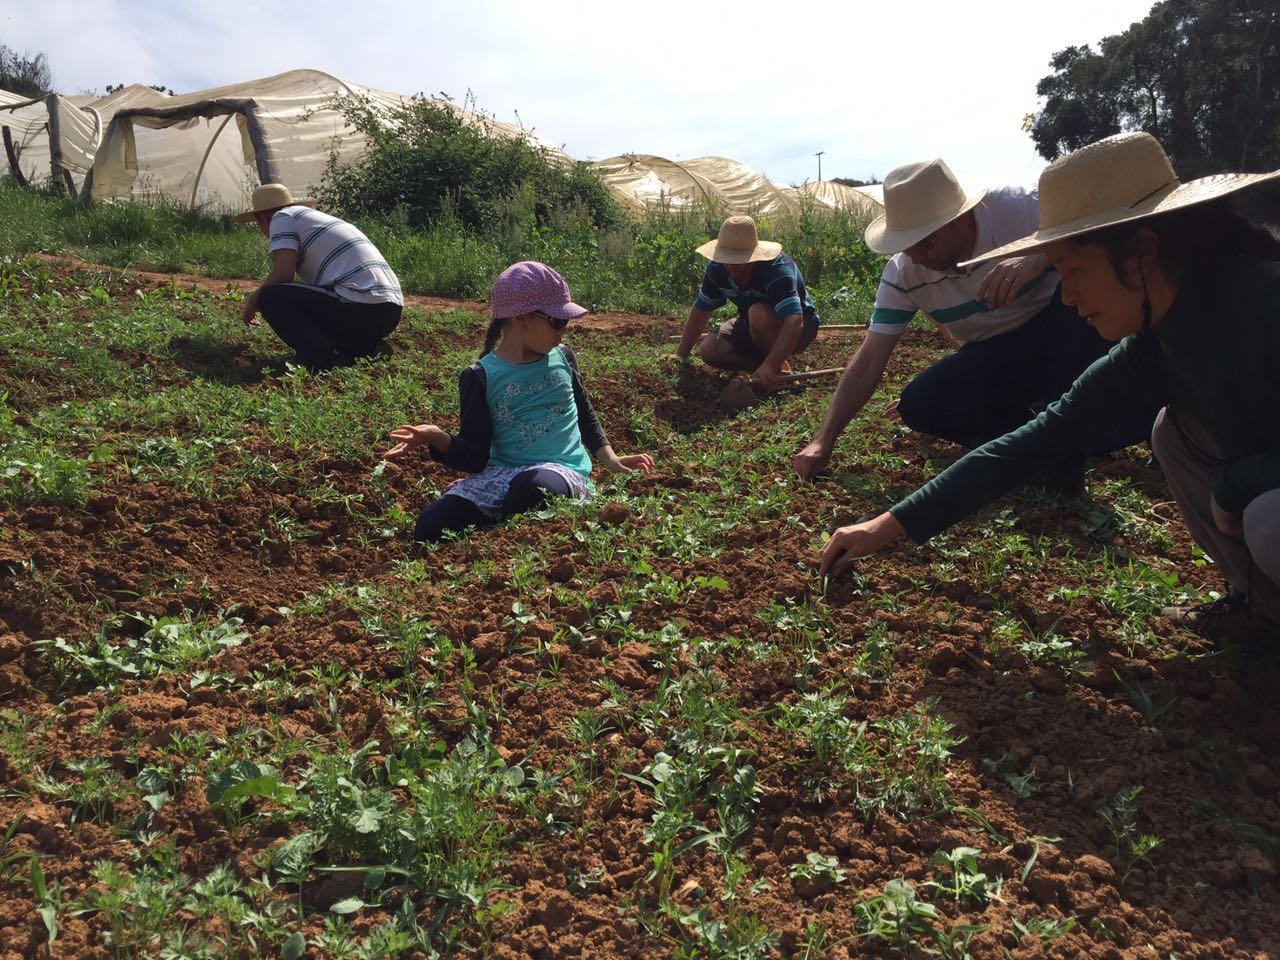 Os consumidores visitam os agricultores e aprendem também a plantar (Foto Evelyn Cianfarano)